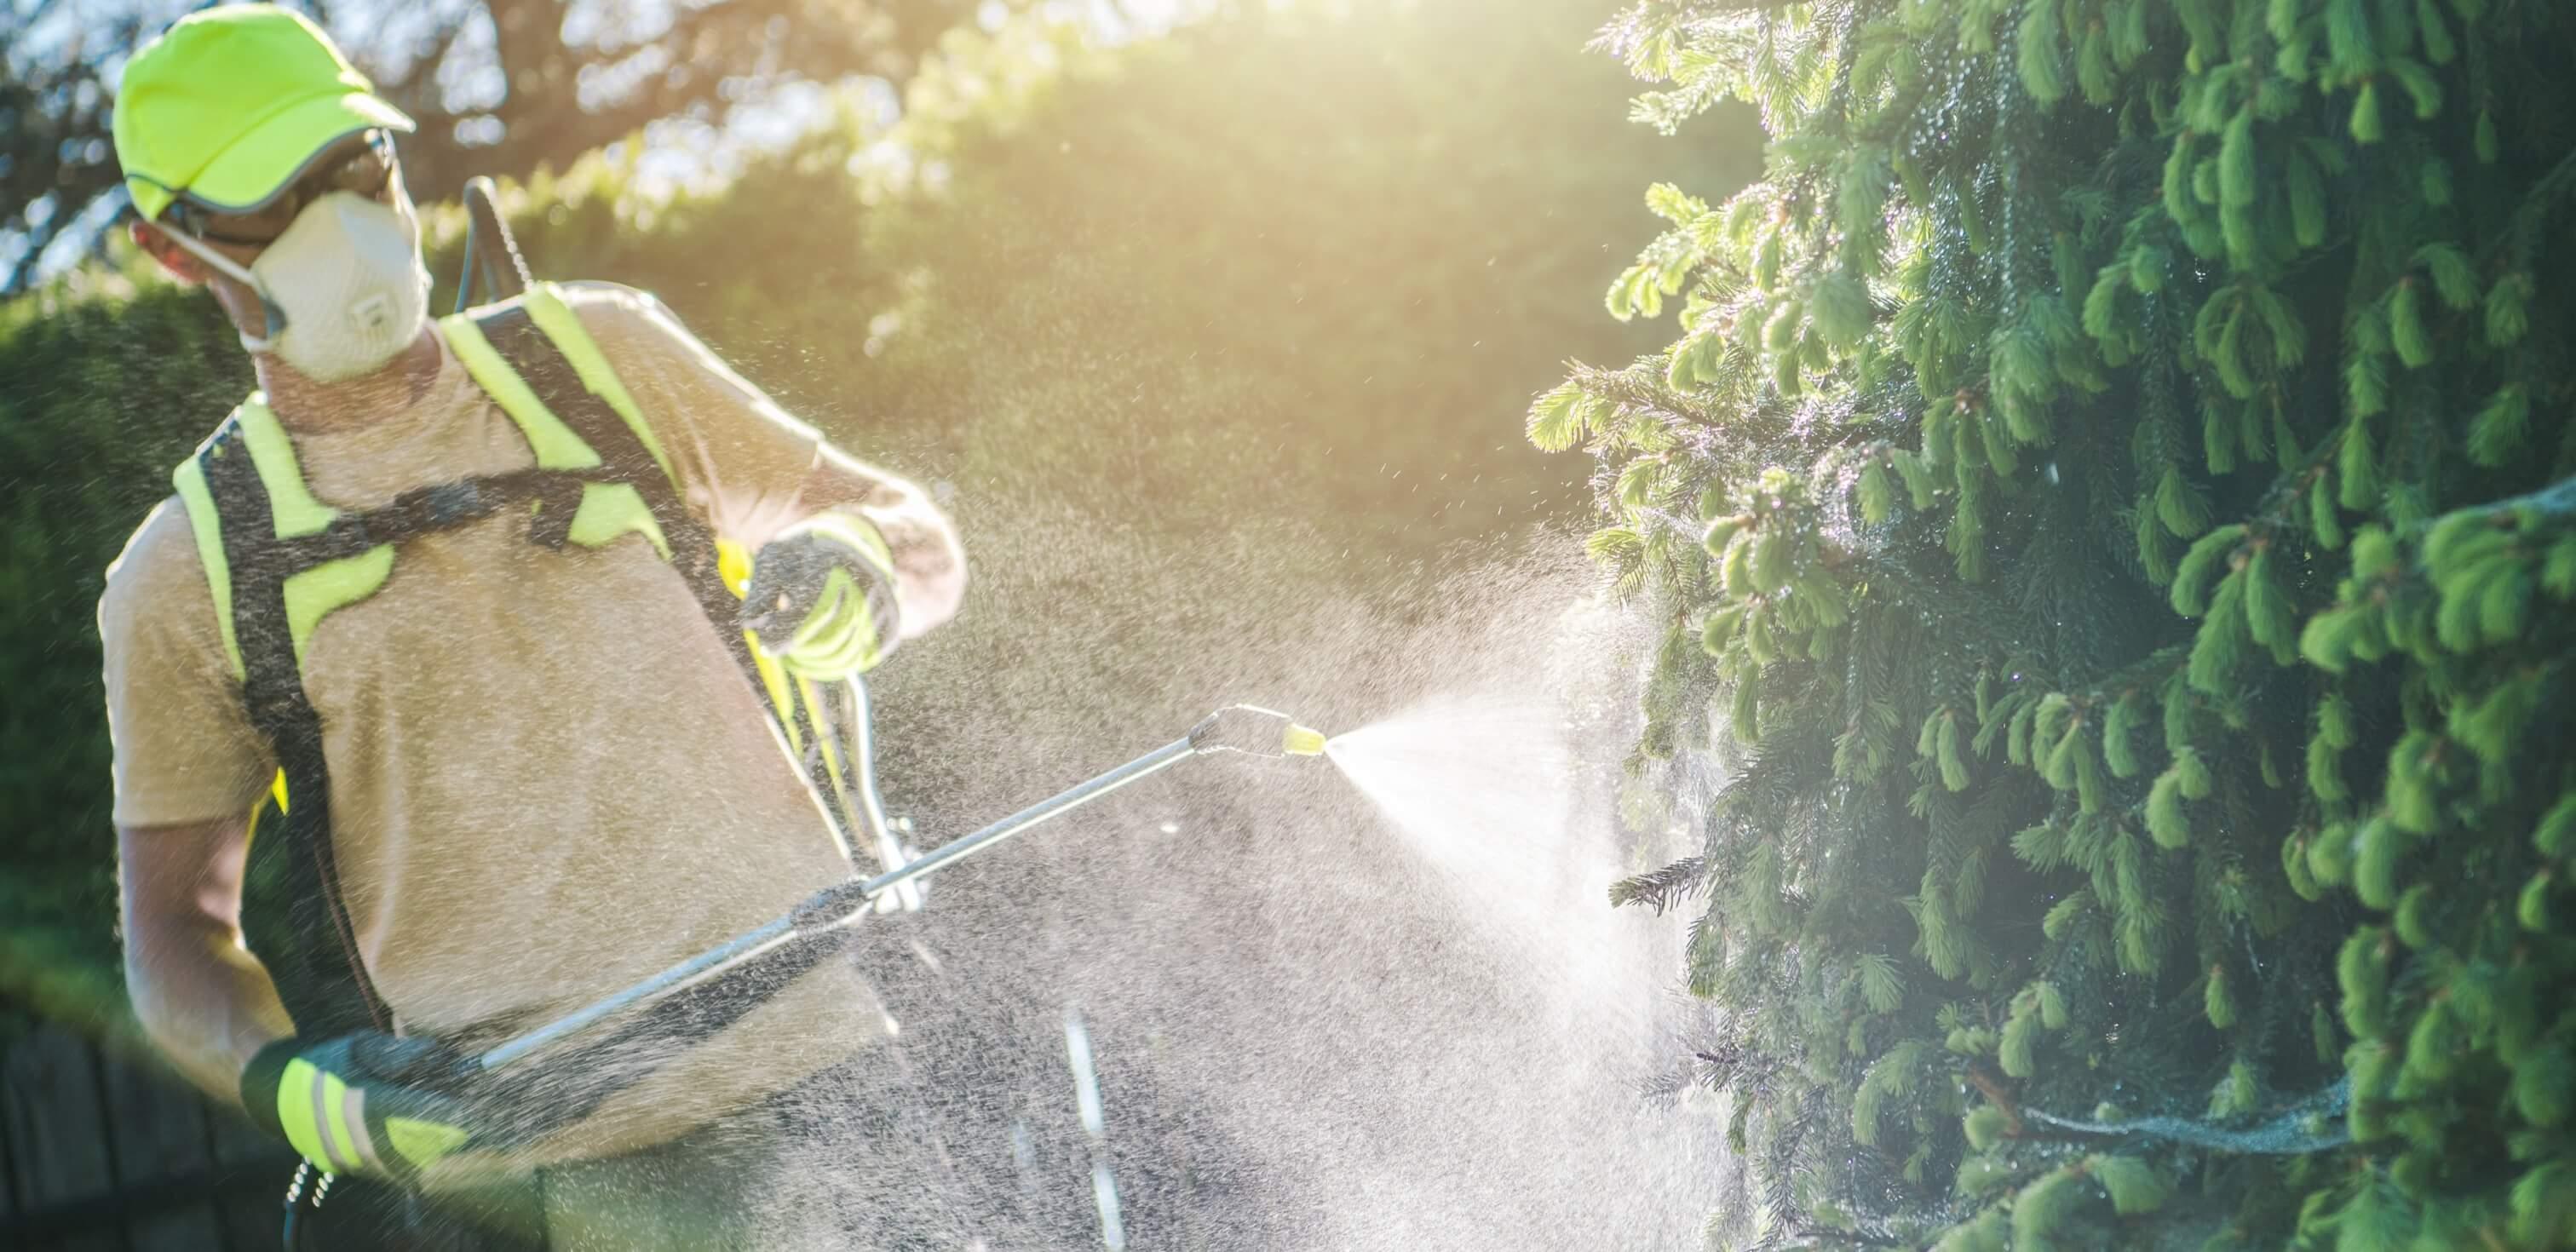 Fotografia de um homem colocando agrotóxicos em plantas com os devidos equipamentos de segurança.